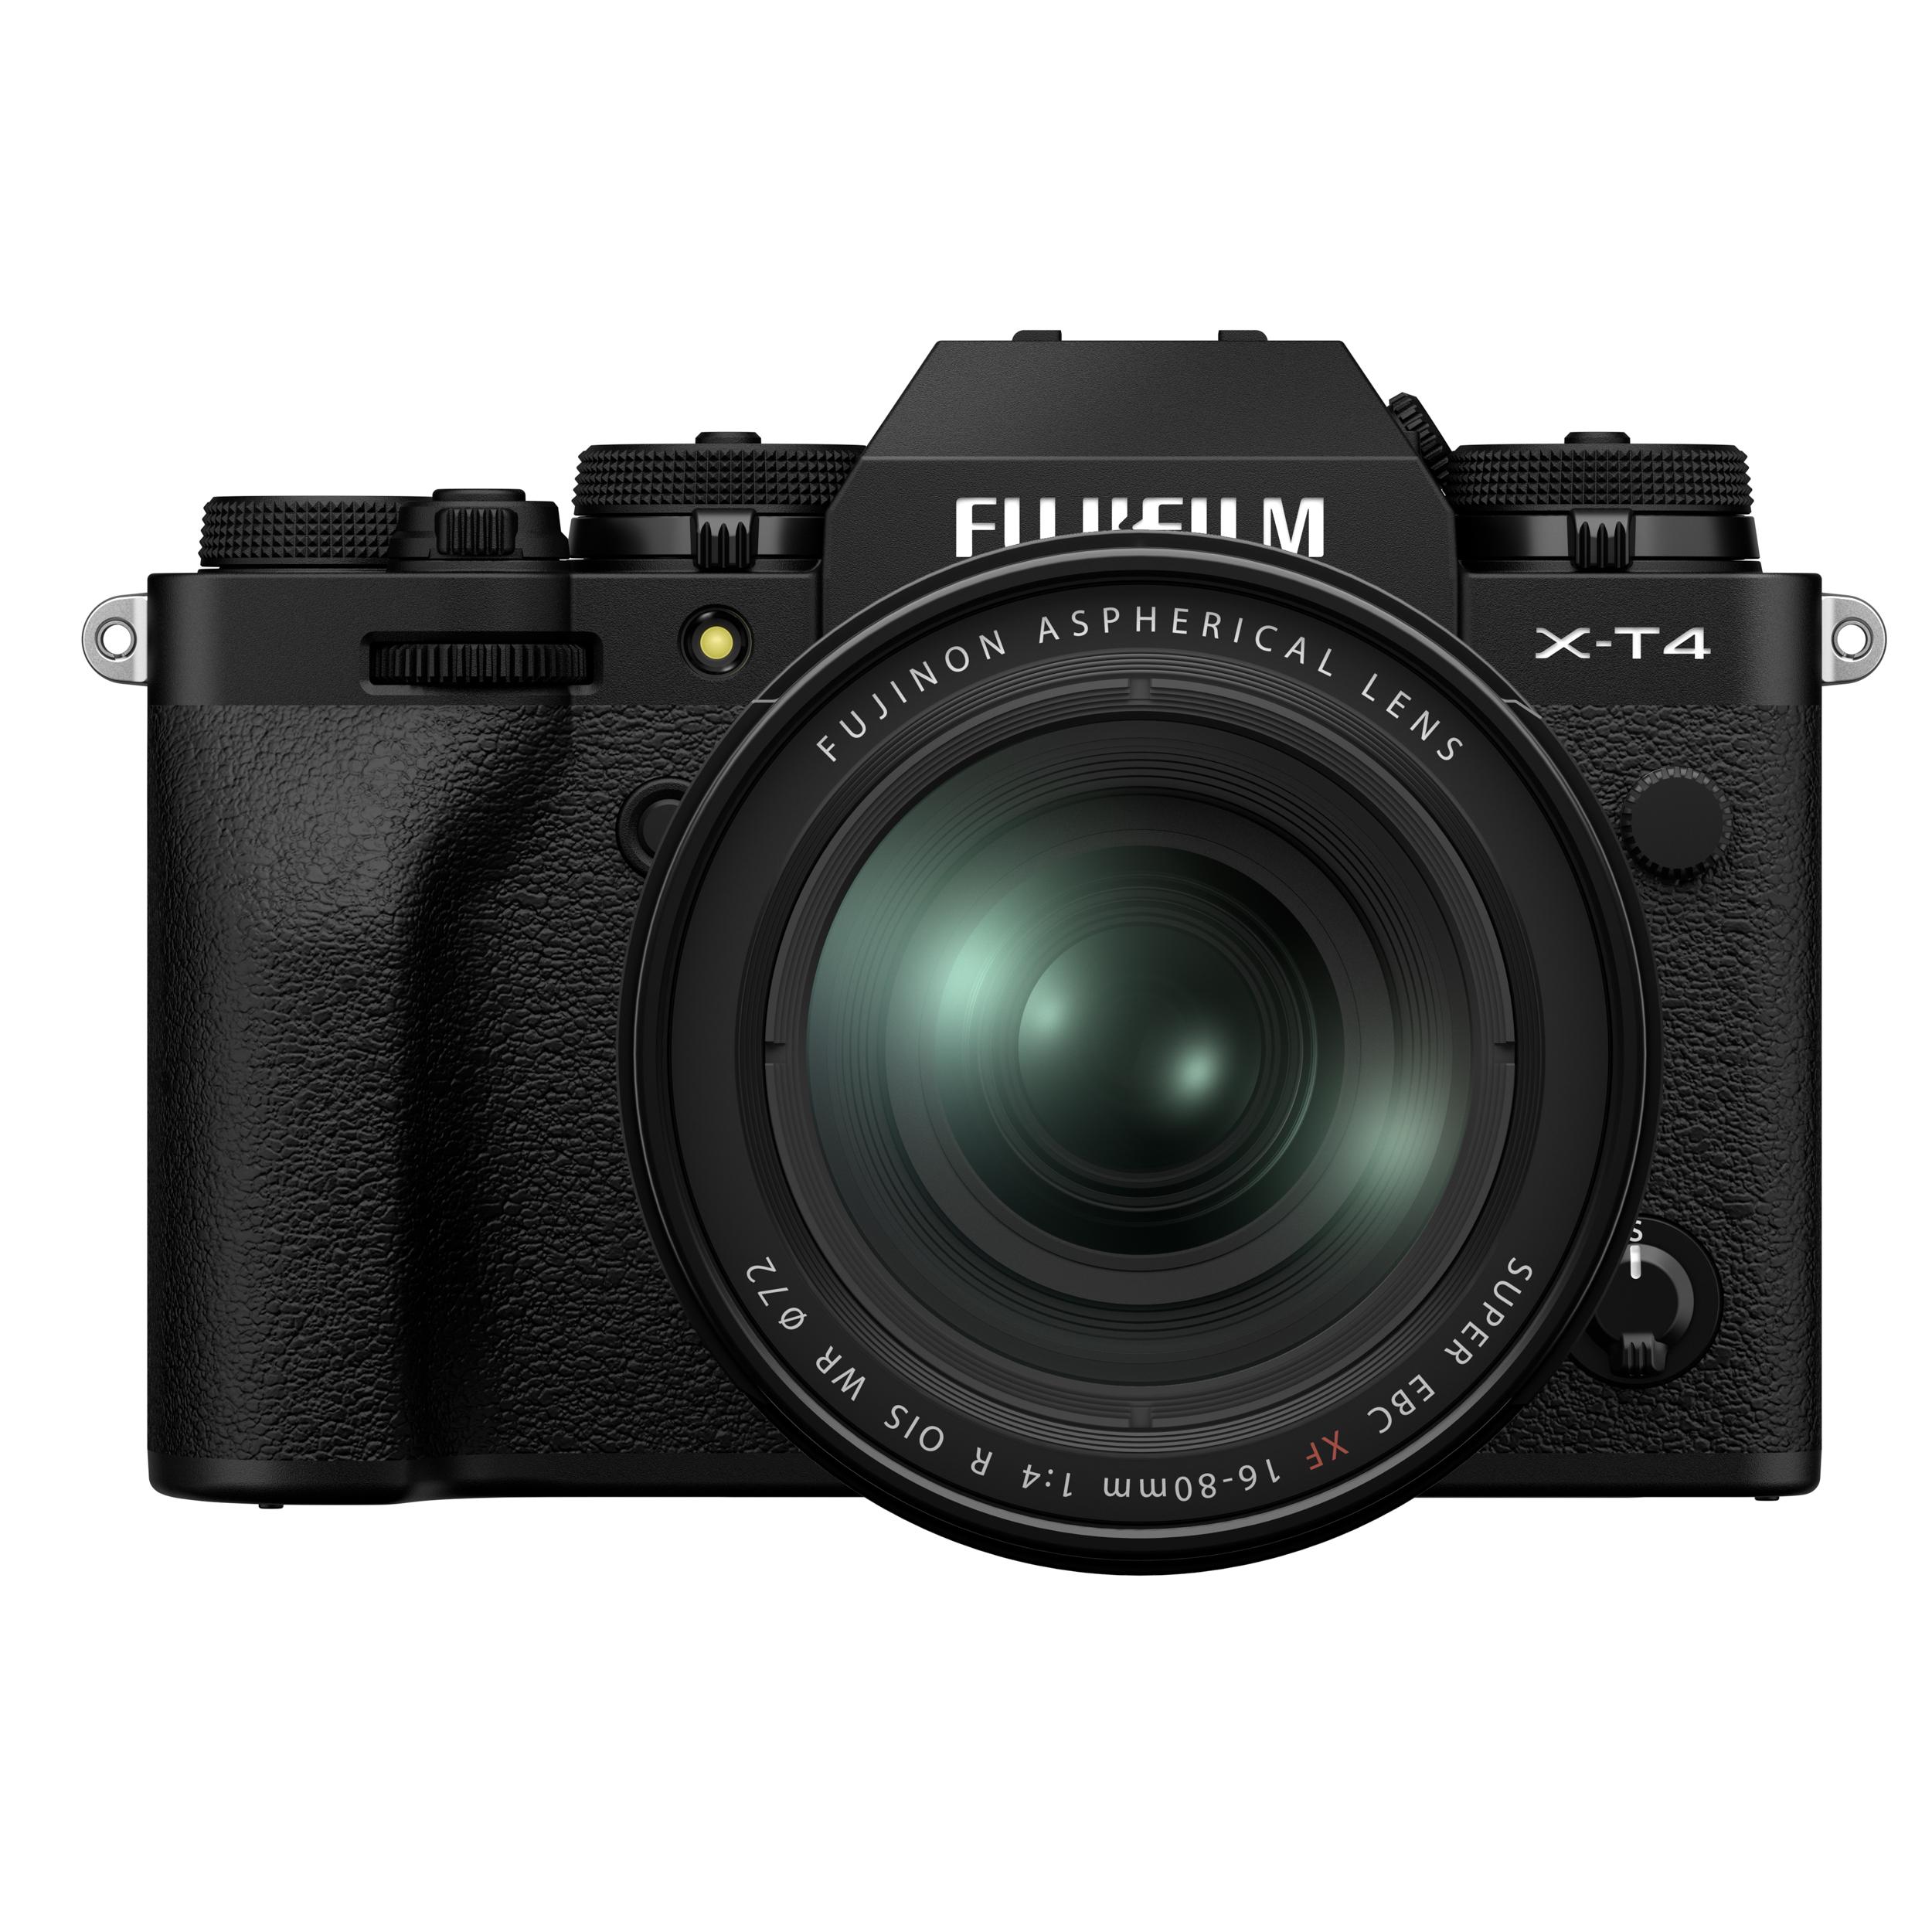 Fujifilm/16652893.jpg